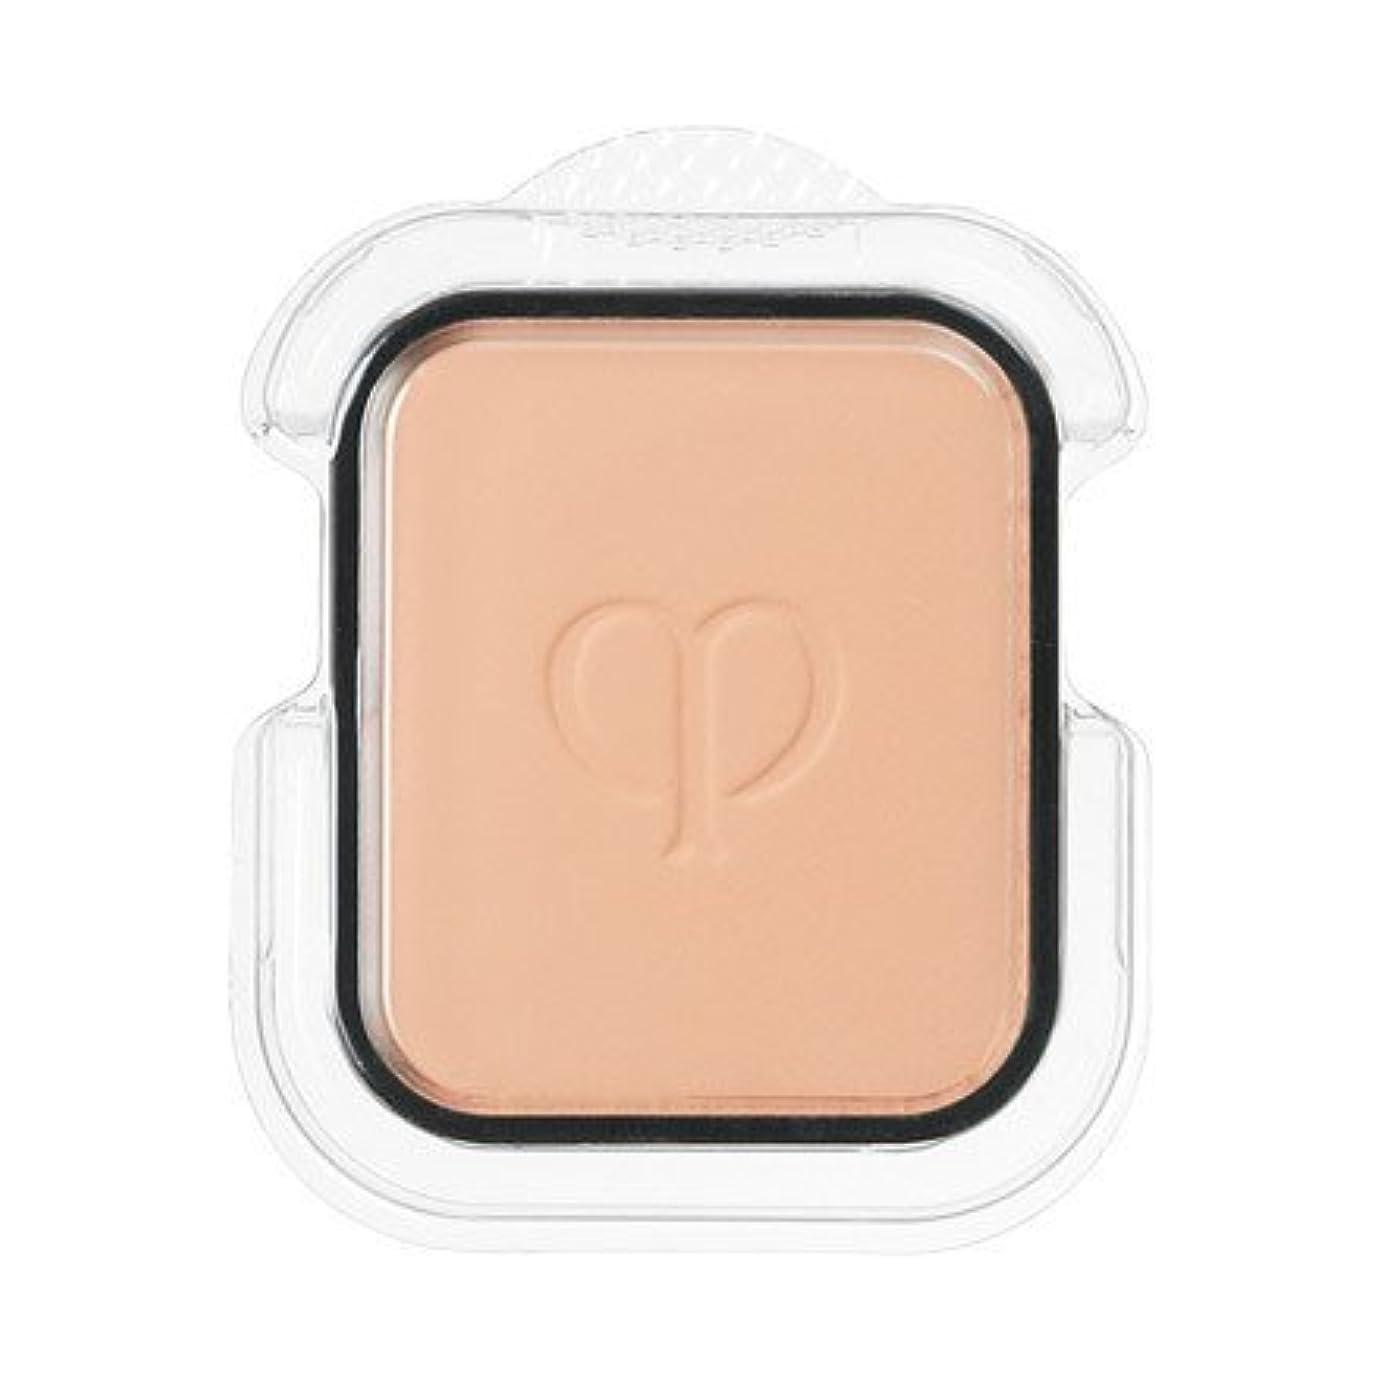 してはいけないつかの間もろい【SHISEIDO(資生堂)】【Cle de Peau Beaute (クレ?ド?ポー ボーテ) 】タンプードルエクラ (レフィル) ピンクオークル 10